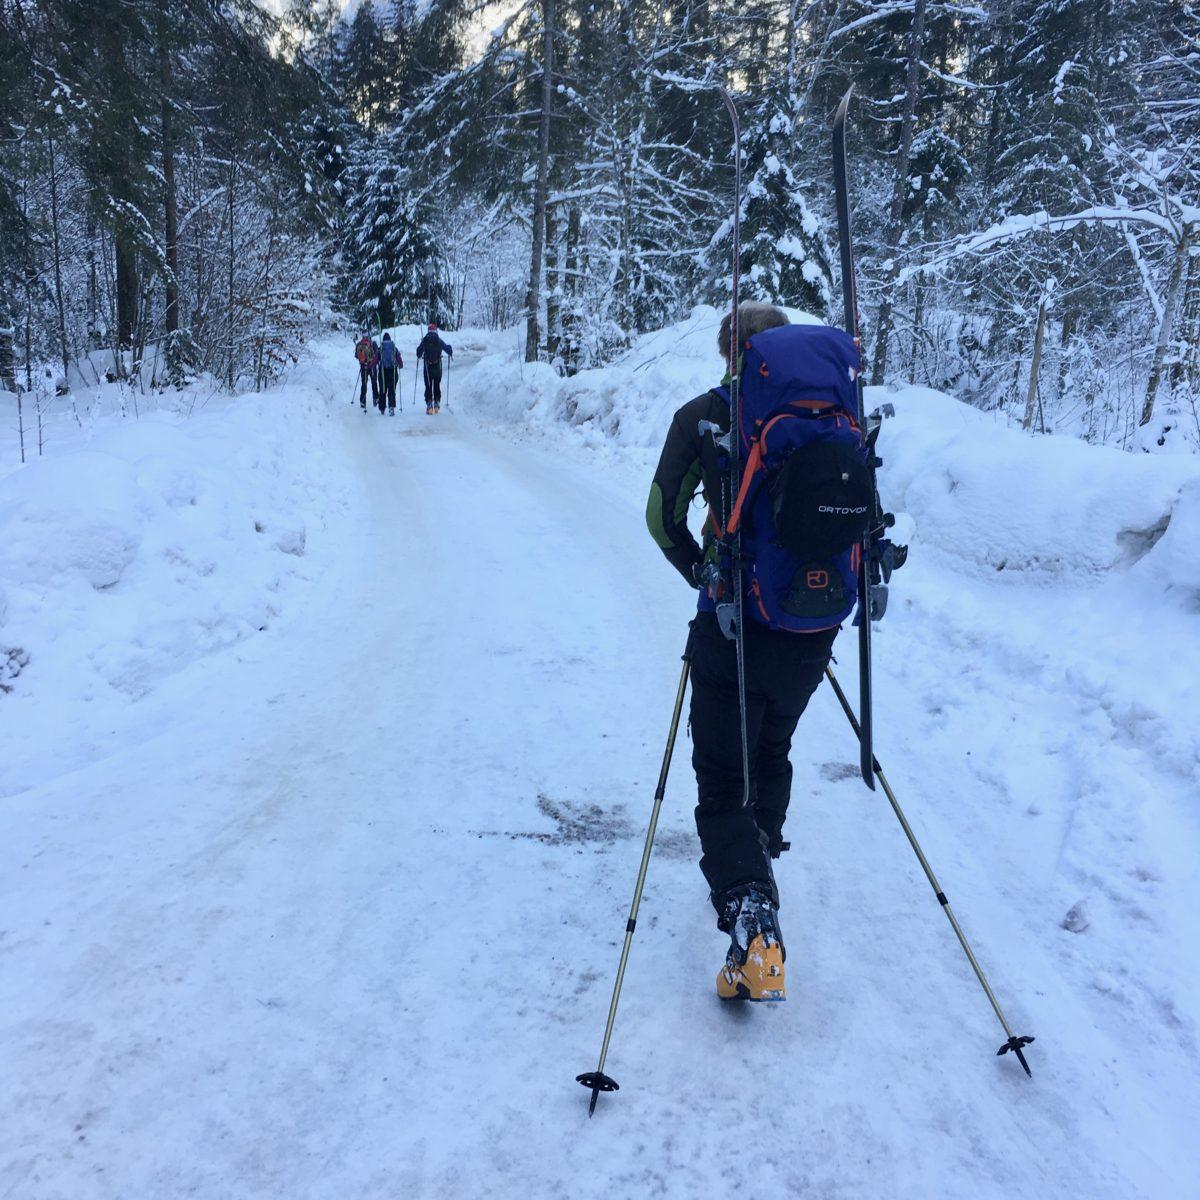 Die letzten Meter hinab nach Hallstatt schultern wir die Ski